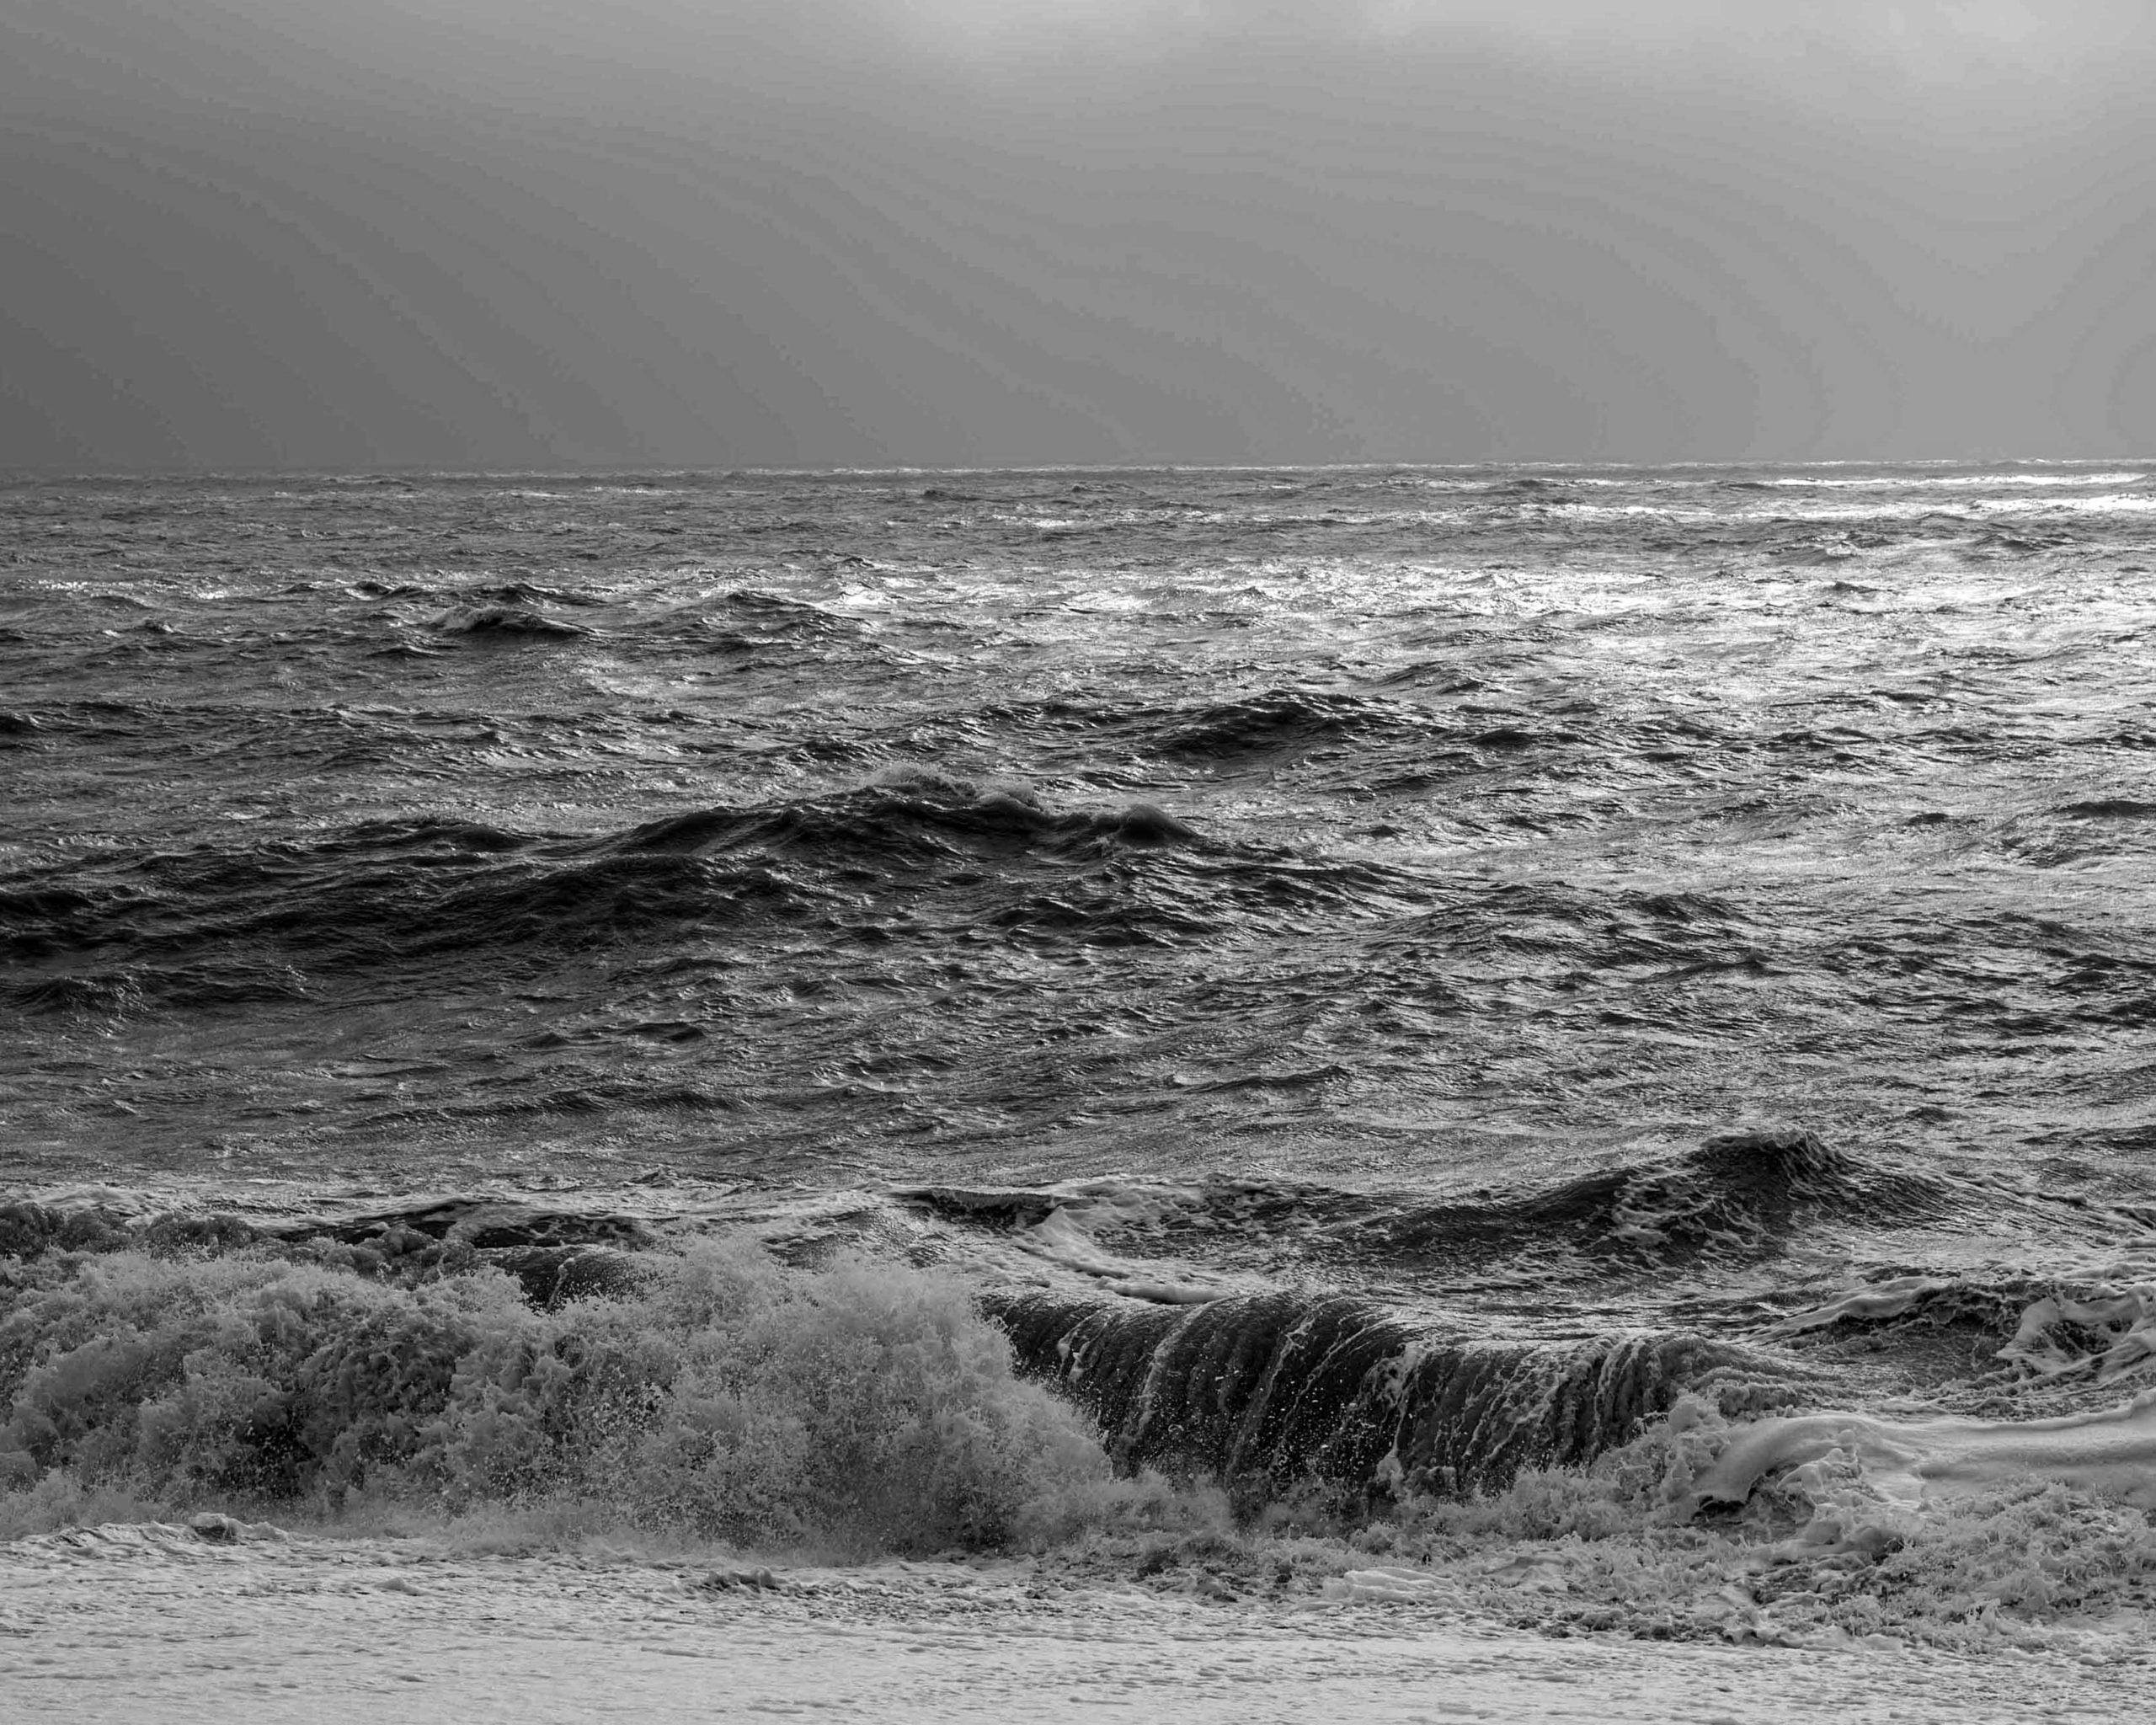 Seaford beach rough waves